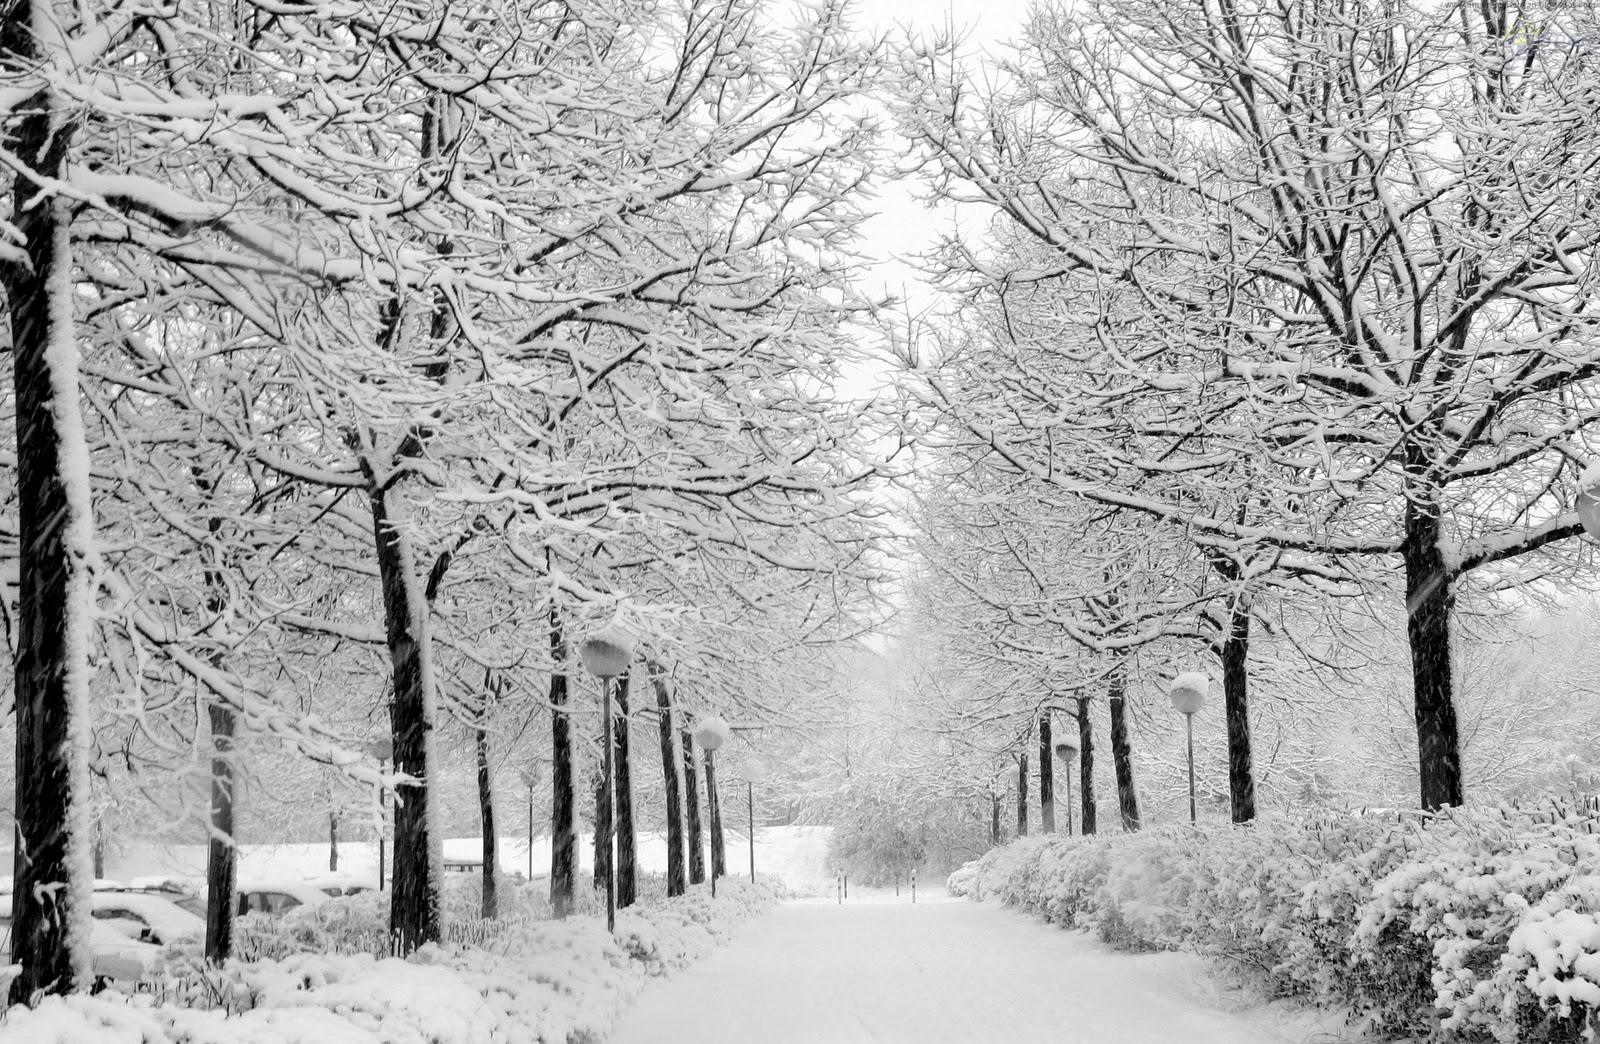 Ձմեռվա ցուրտն օգնում է նիհարել